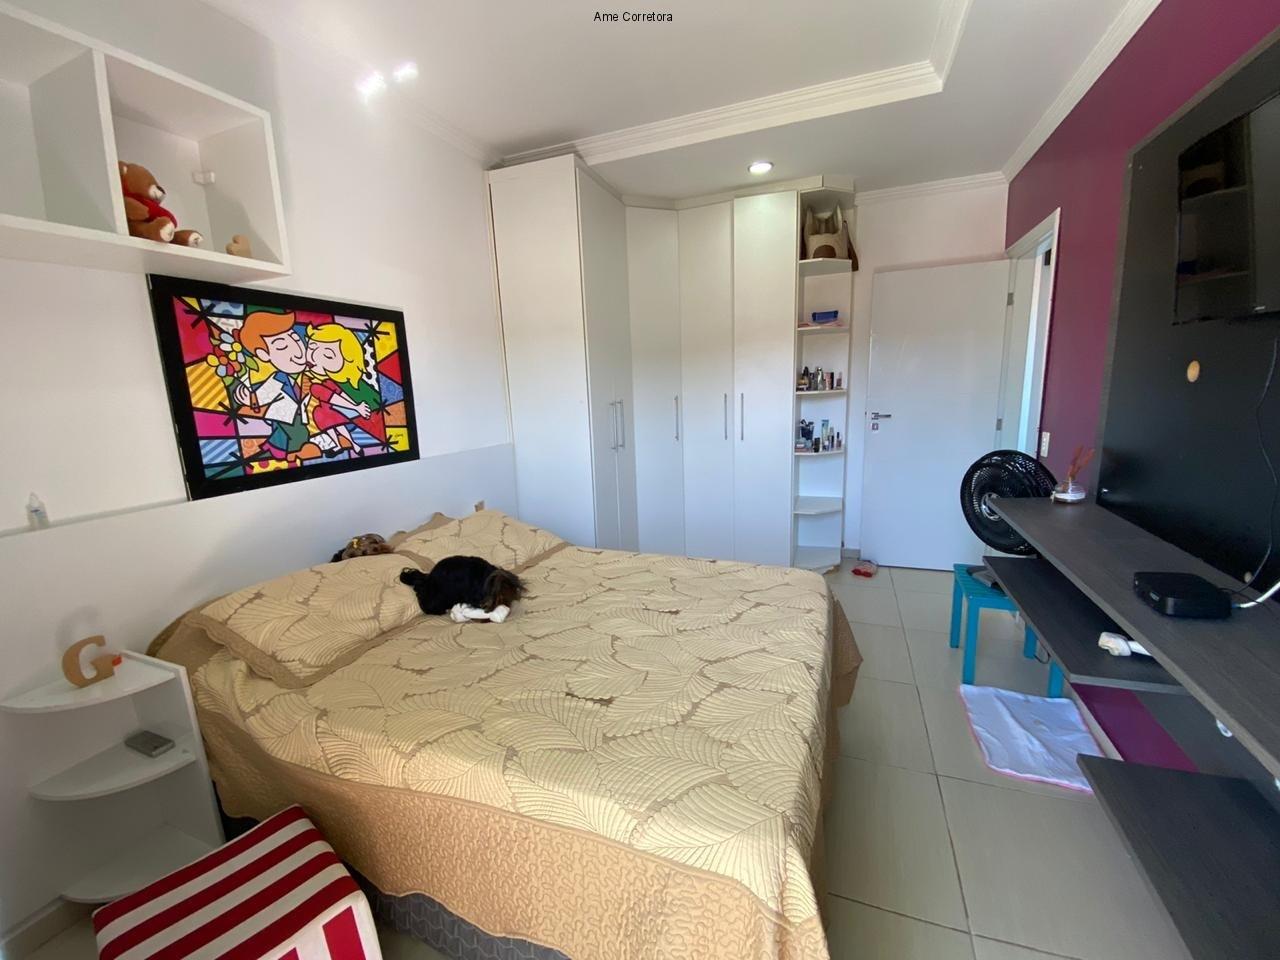 FOTO 15 - Casa 3 quartos à venda Rio de Janeiro,RJ - R$ 900.000 - CA00624 - 16